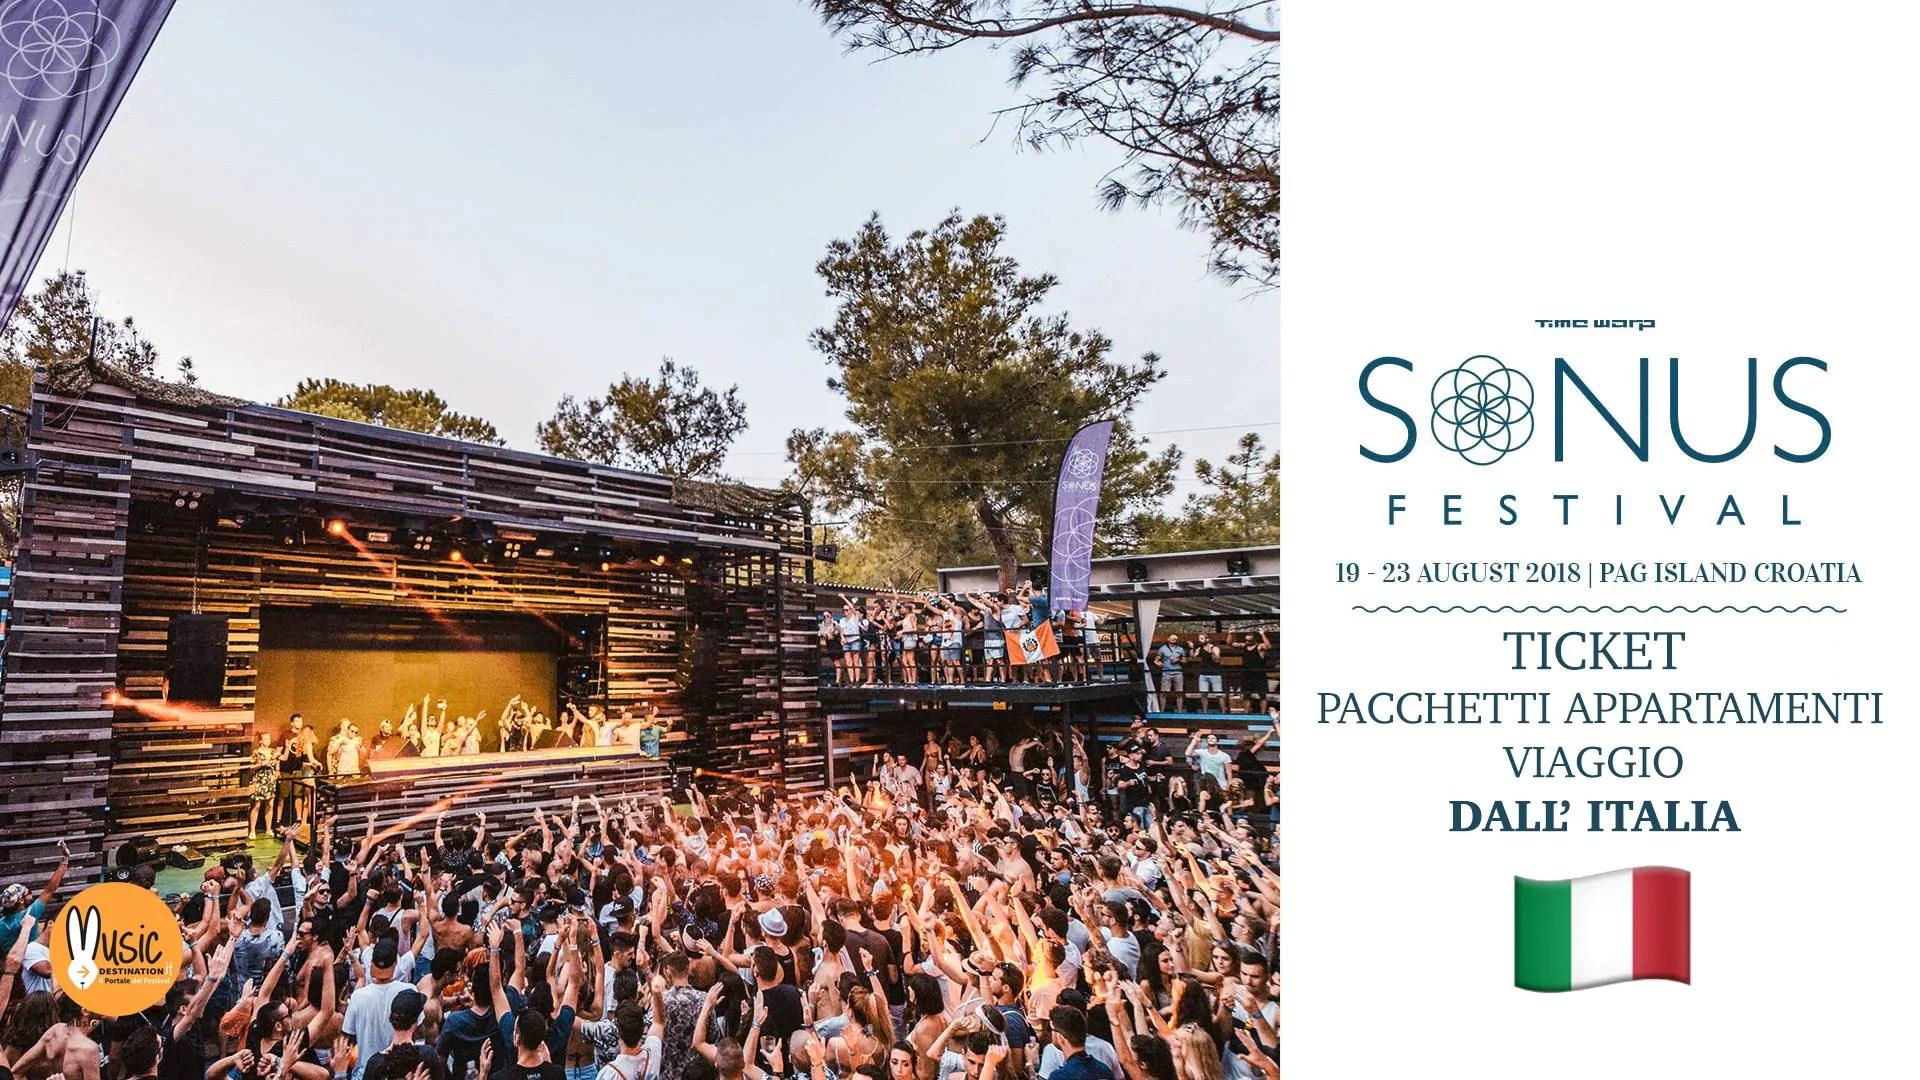 SONUS FESTIVAL 2018, 19 – 23 Agosto – Pag Croazia